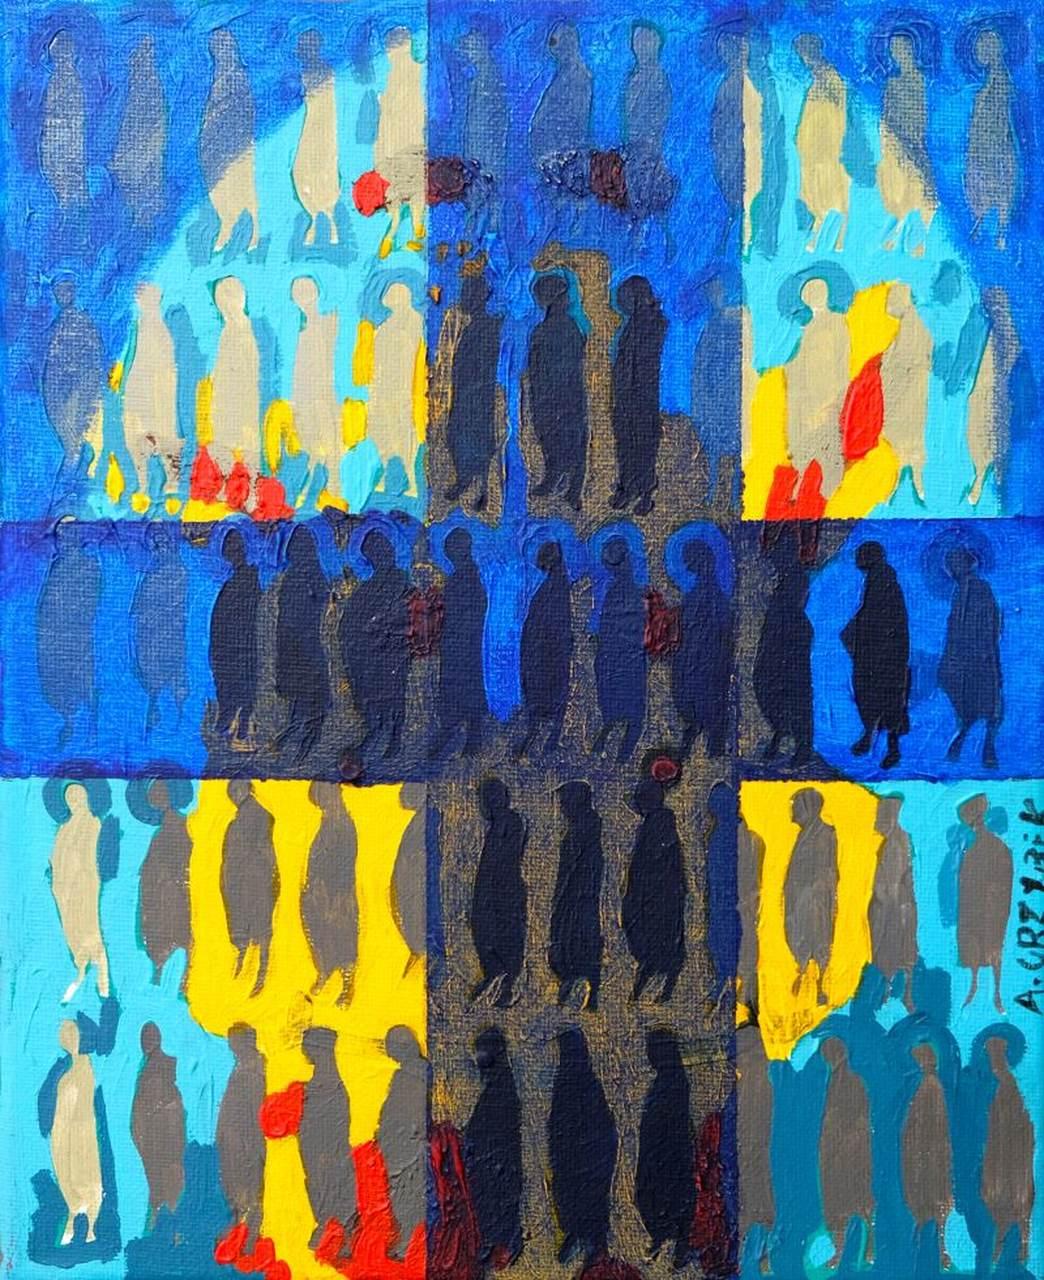 Witraż w kamienicy, 2005